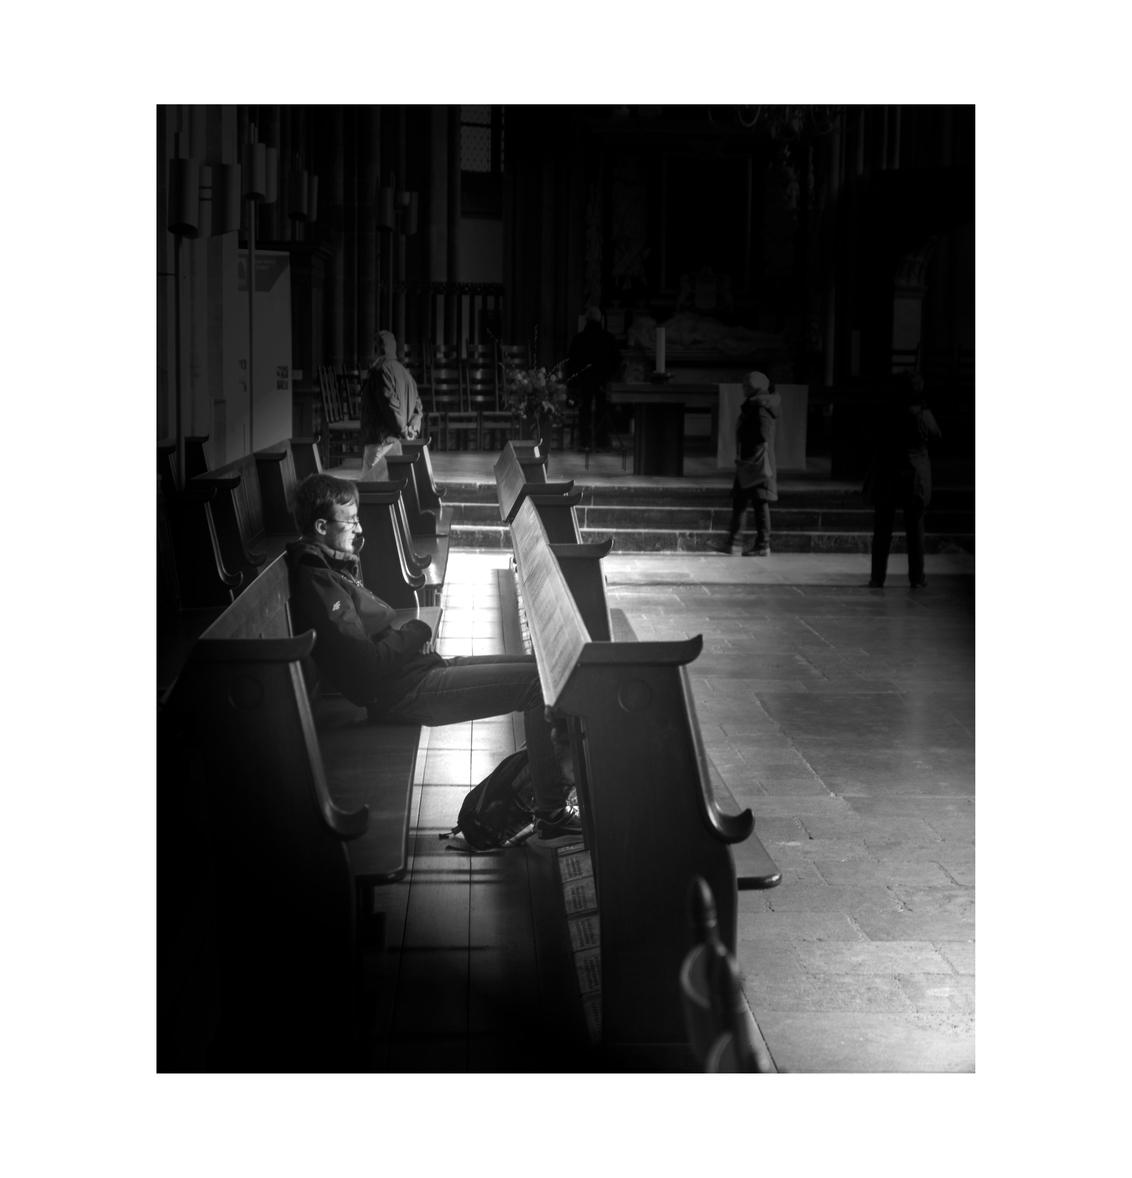 straat 8 - soms is het fijn om je even terug te trekken... zoals hier in de dom van Utrecht... - foto door bernhard48 op 05-02-2018 - deze foto bevat: man, kerk, zwartwit, utrecht, straatfotografie